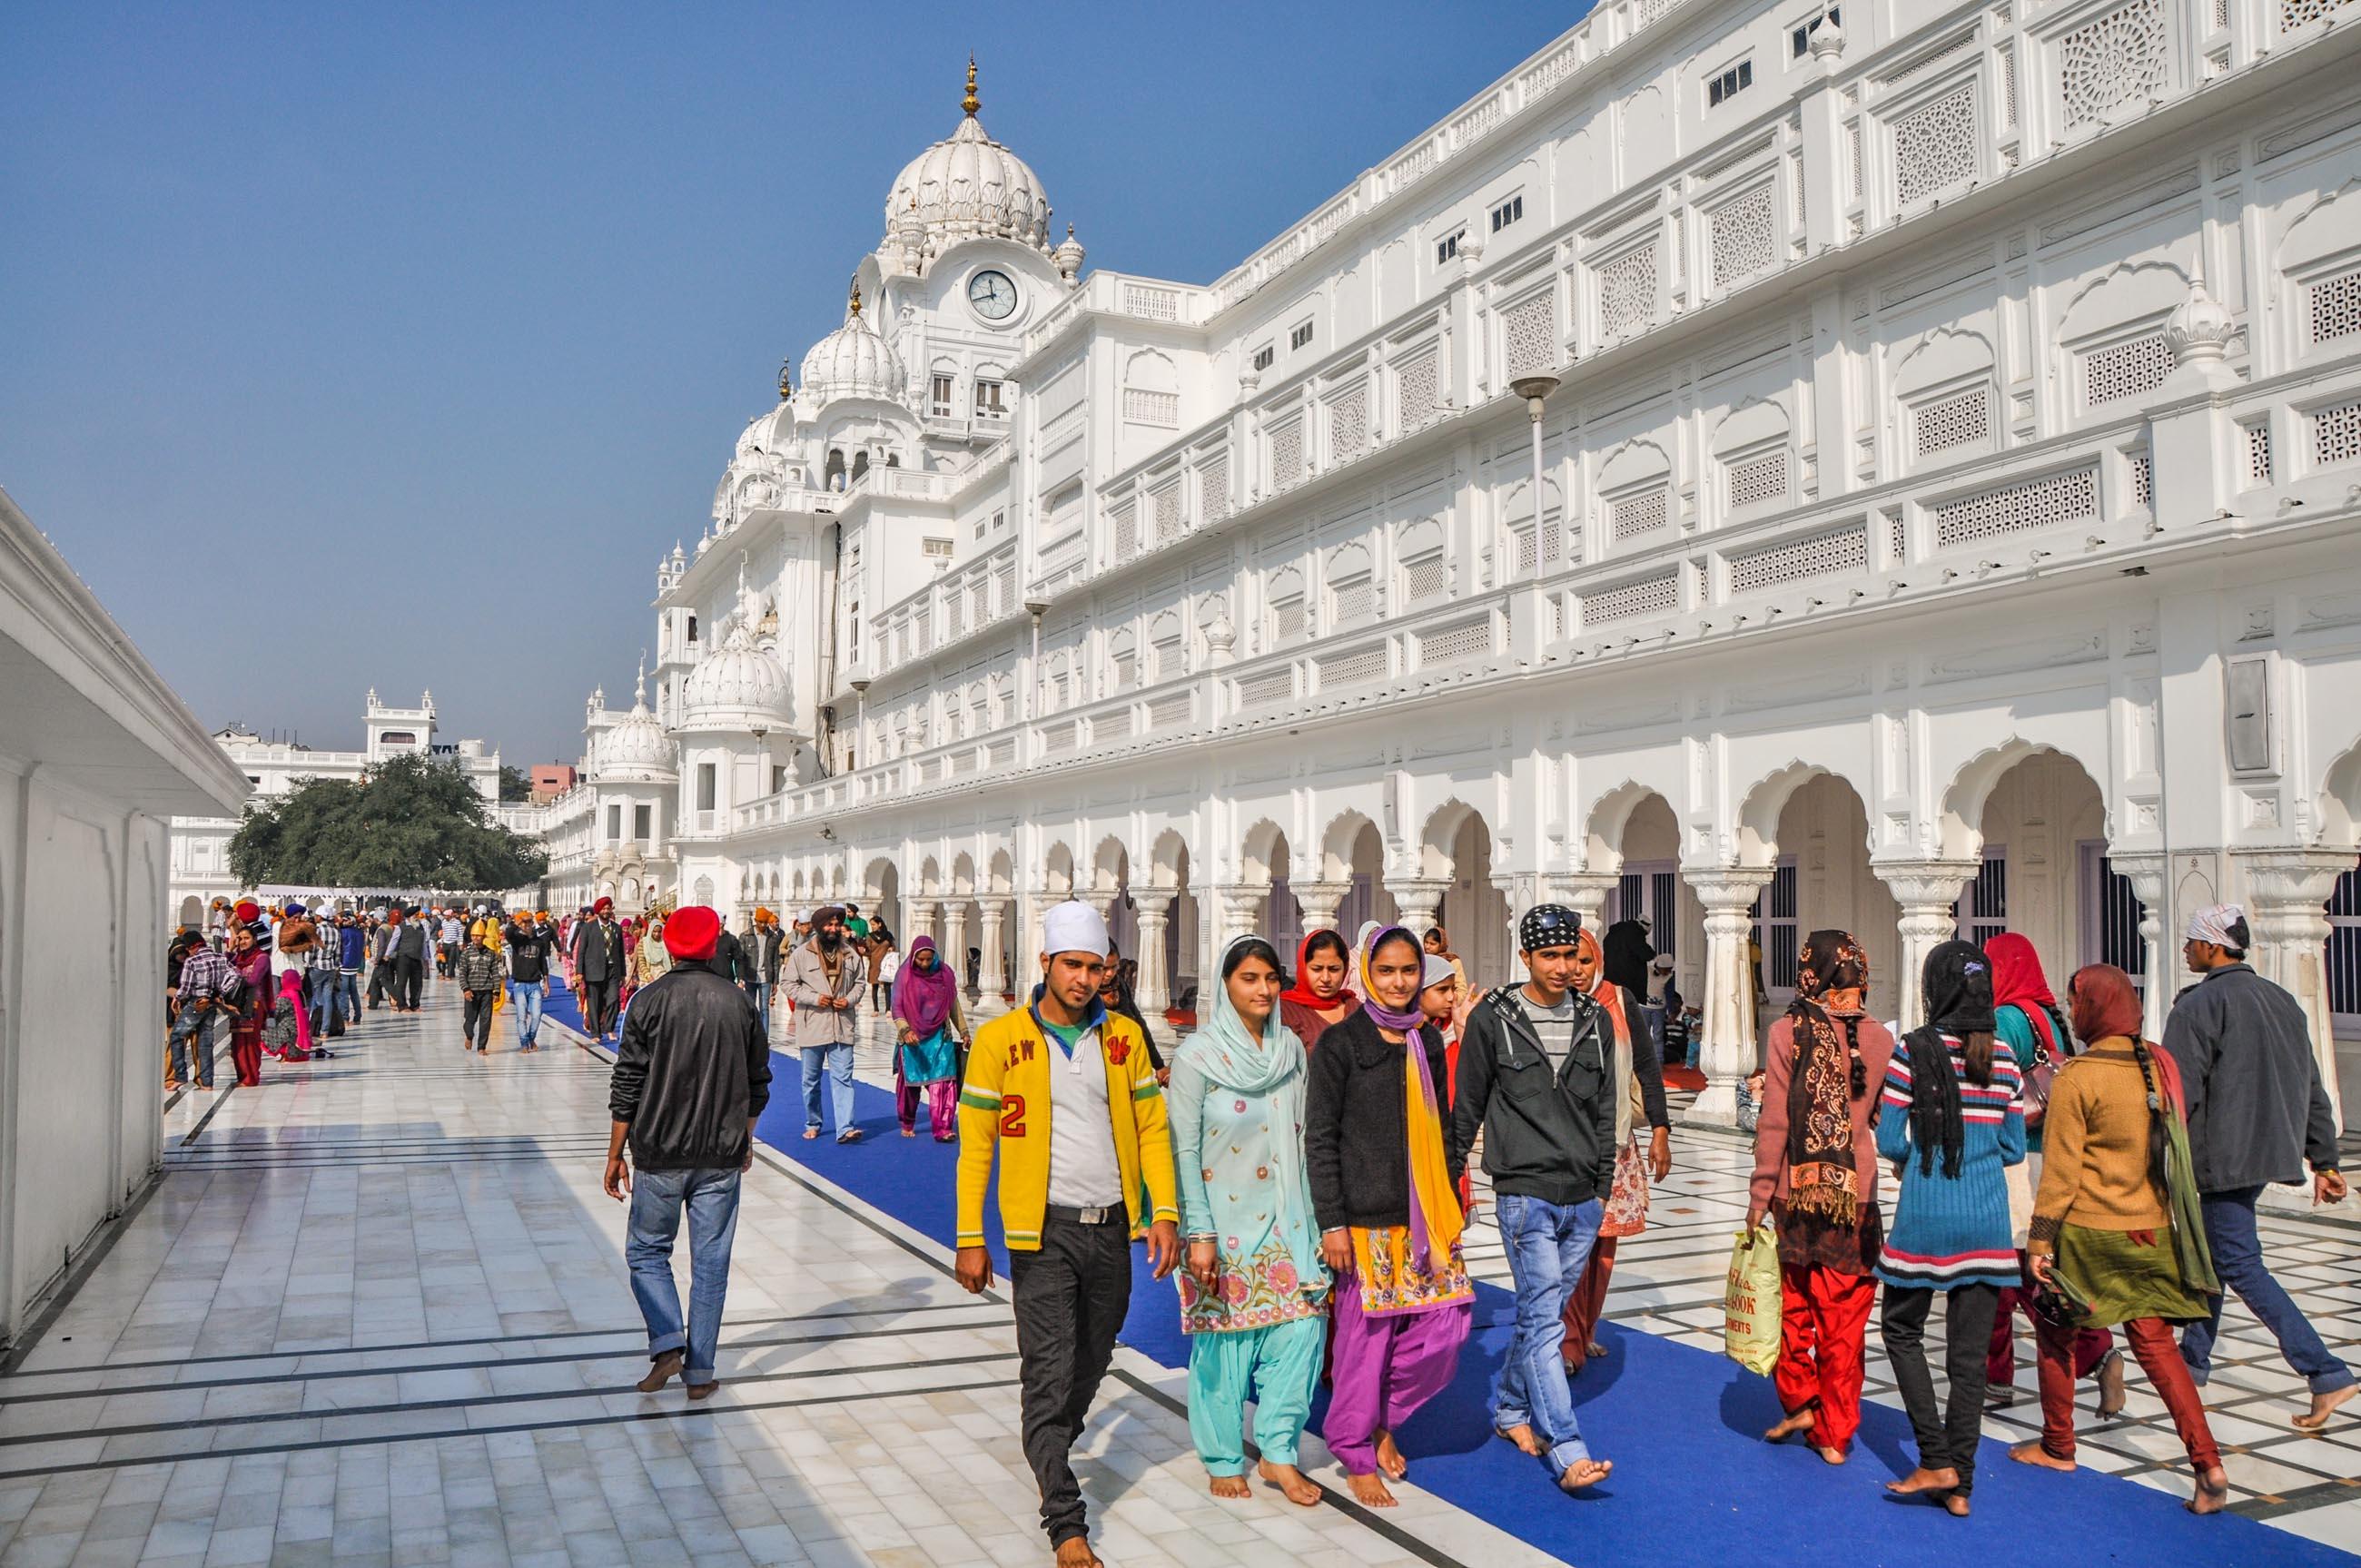 https://bubo.sk/uploads/galleries/4920/tomas_kubus_india_amritsar_dsc_0172.jpg